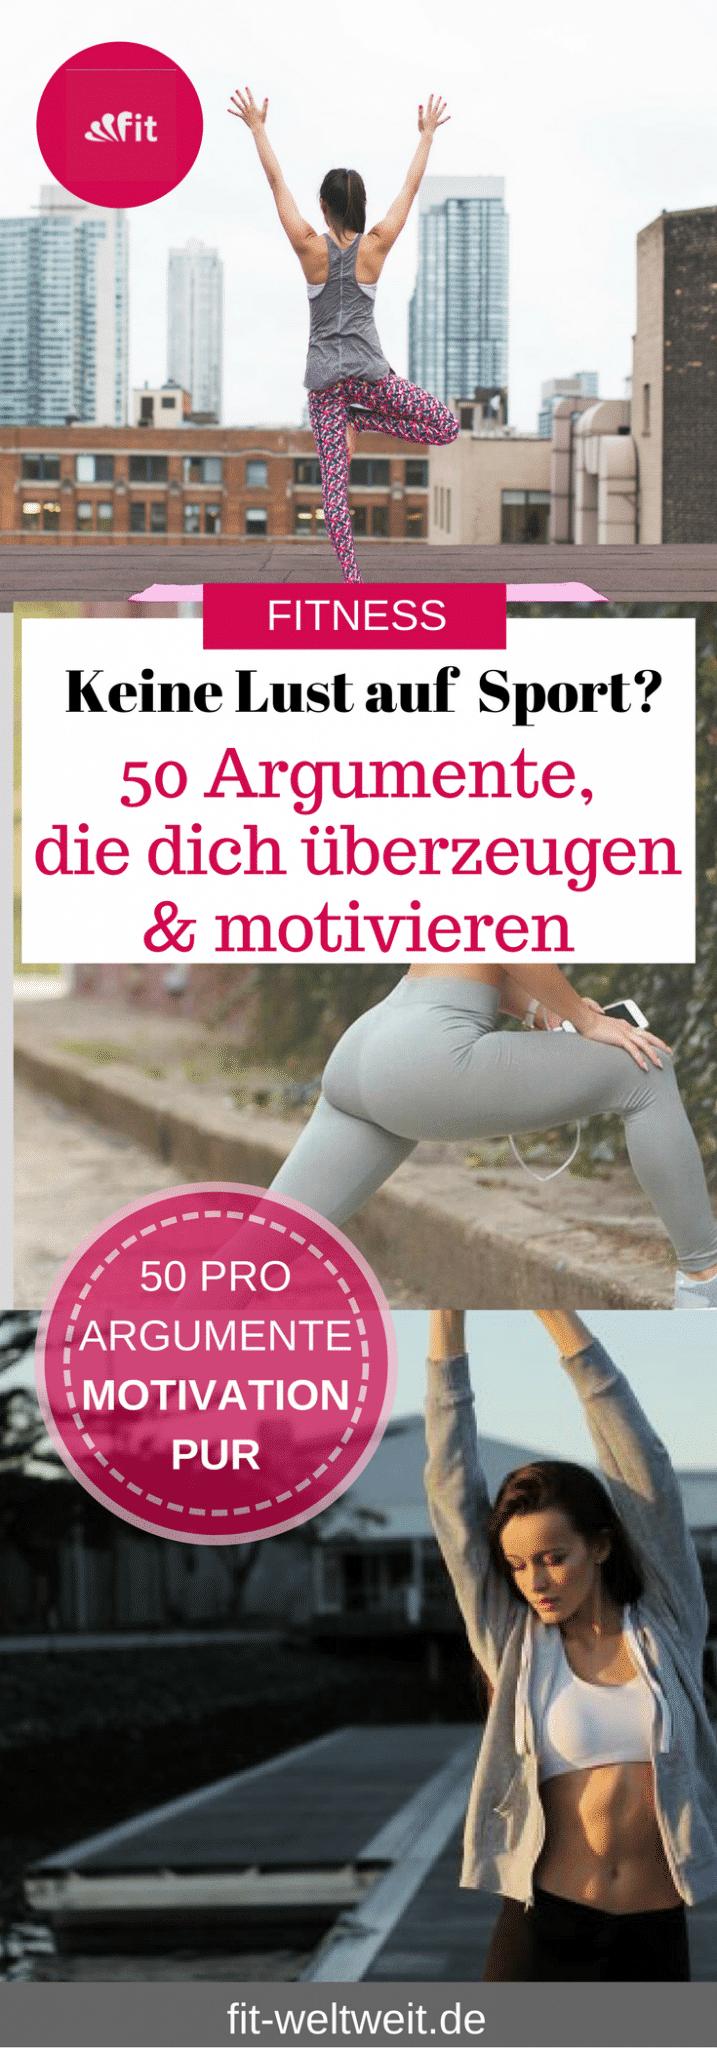 FITNESS VORTEILE ! 50 Sport Pro Argumente, die dich zum Fitness Training motivieren werden. Warum Sport machen oder ins Fitnessstudio gehen? Was sind die Vorteile / Nachteile? Pro Contra Argumentation - die dich überzeugen Sport zu treiben. Schon 5 der 50 Gründe motivieren dich, mehr #Fitness im #Alltag zu integrieren. #Argumente #Motivation #Pro #Contra #Gründe #kontra #Joggen #yoga #boxen #fitnessstudio #laufen #radfahren #schwimmen